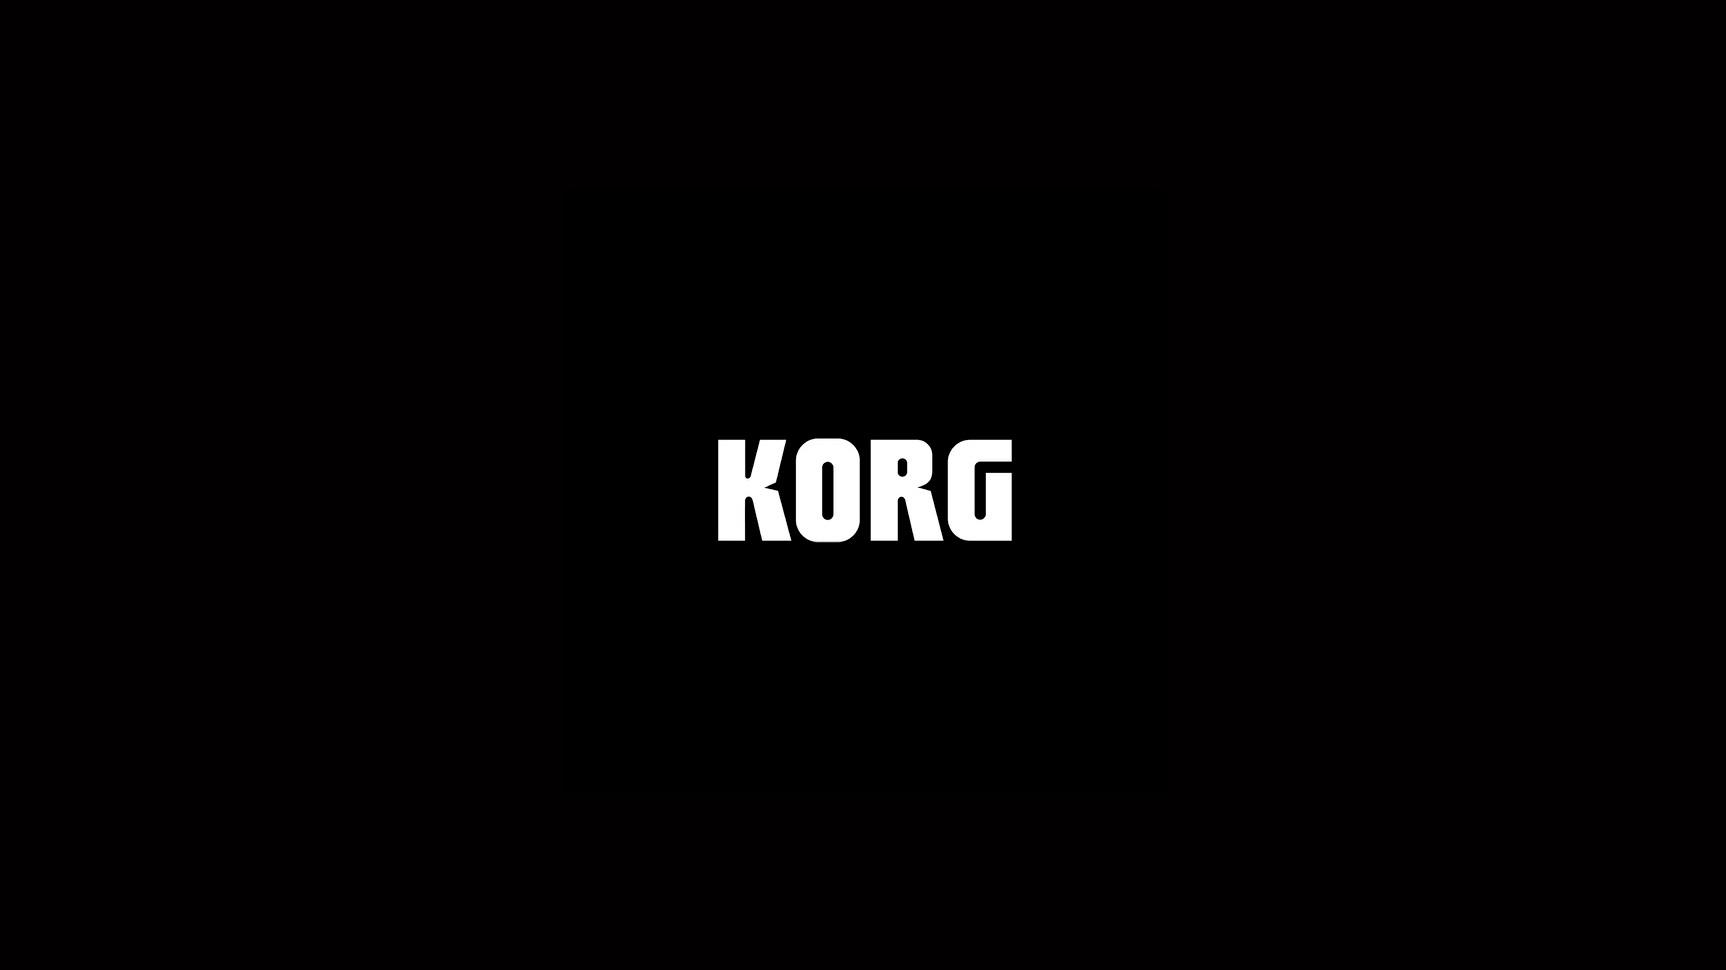 Korg+5+inch.jpg